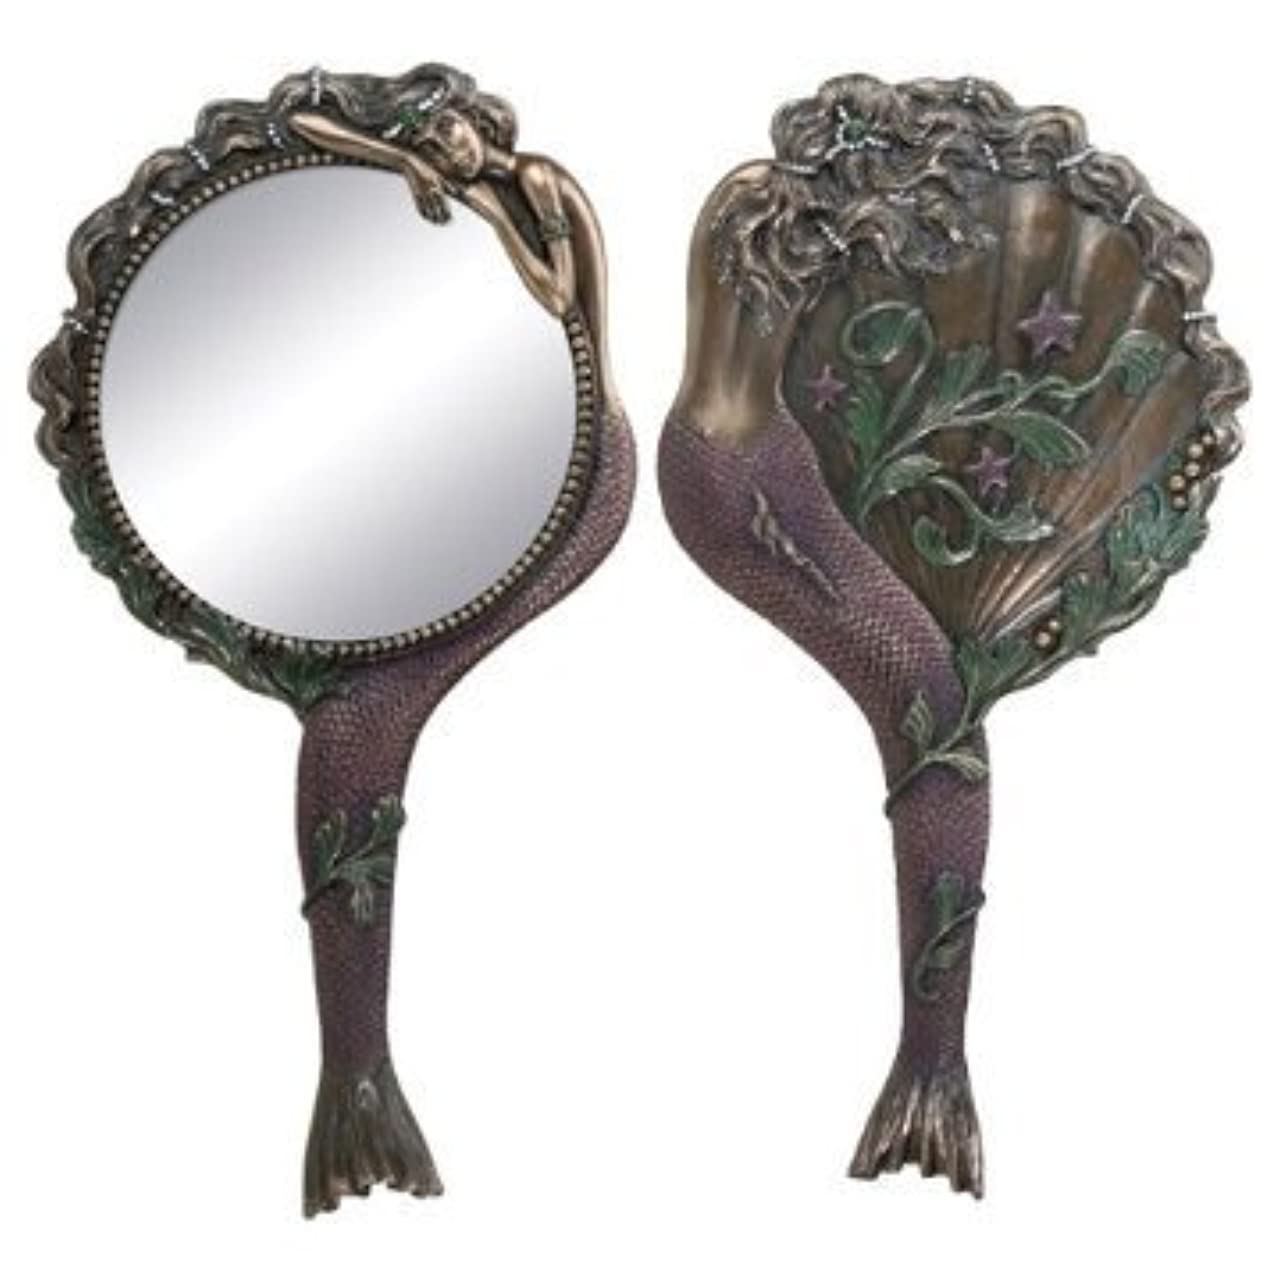 思いつく寄稿者もしArt Nouveau Collectible Mermaid Hand Mirror Nymph Decoration by Summit